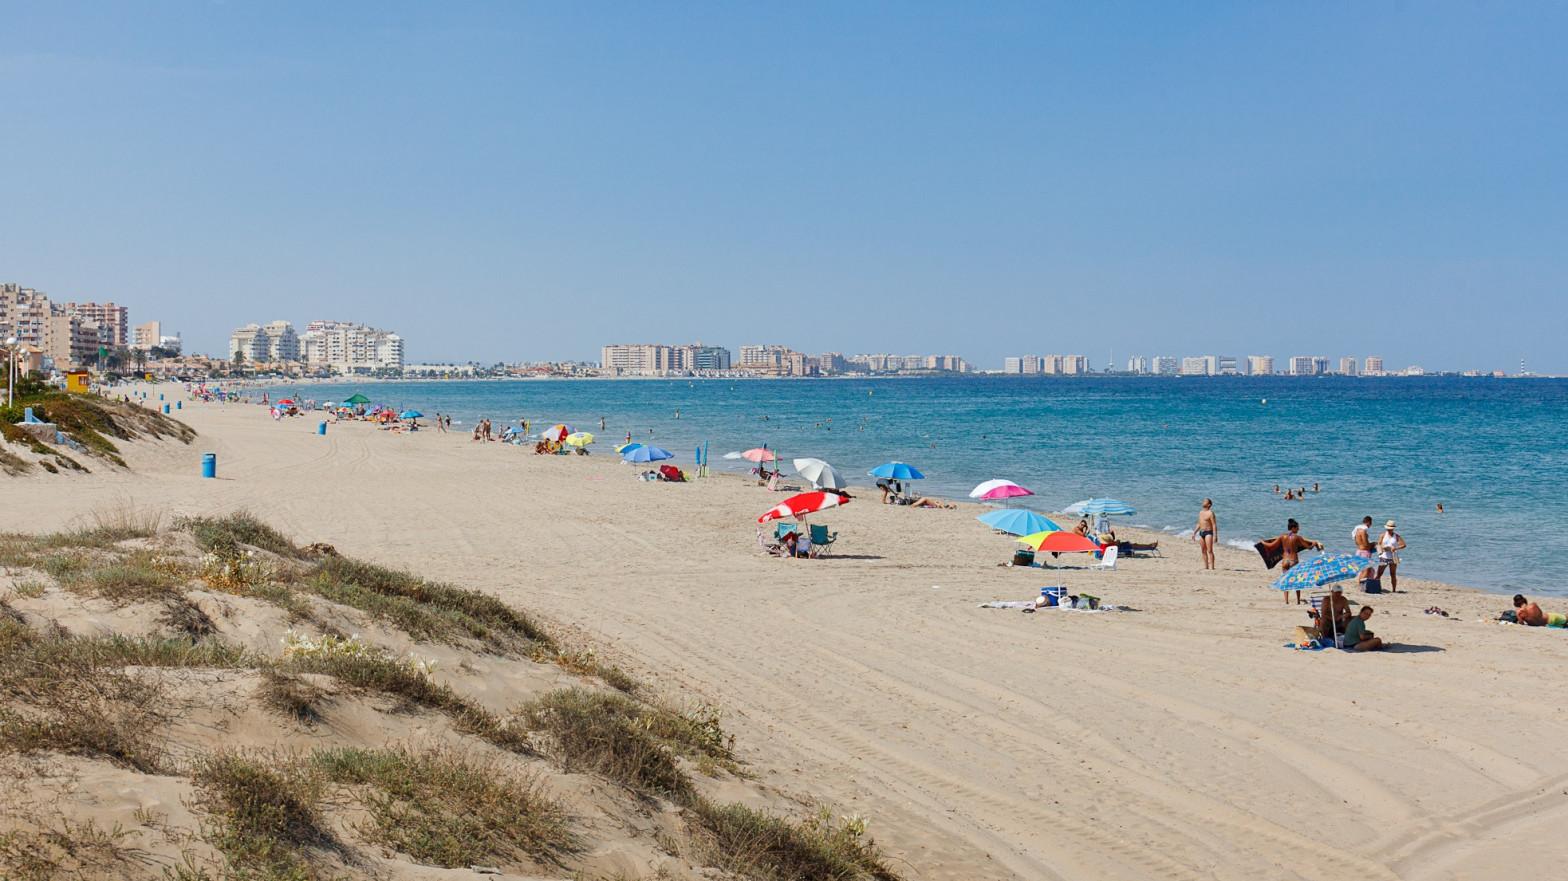 Los empresarios del turismo piden sacrificar la Semana Santa para salvar el verano